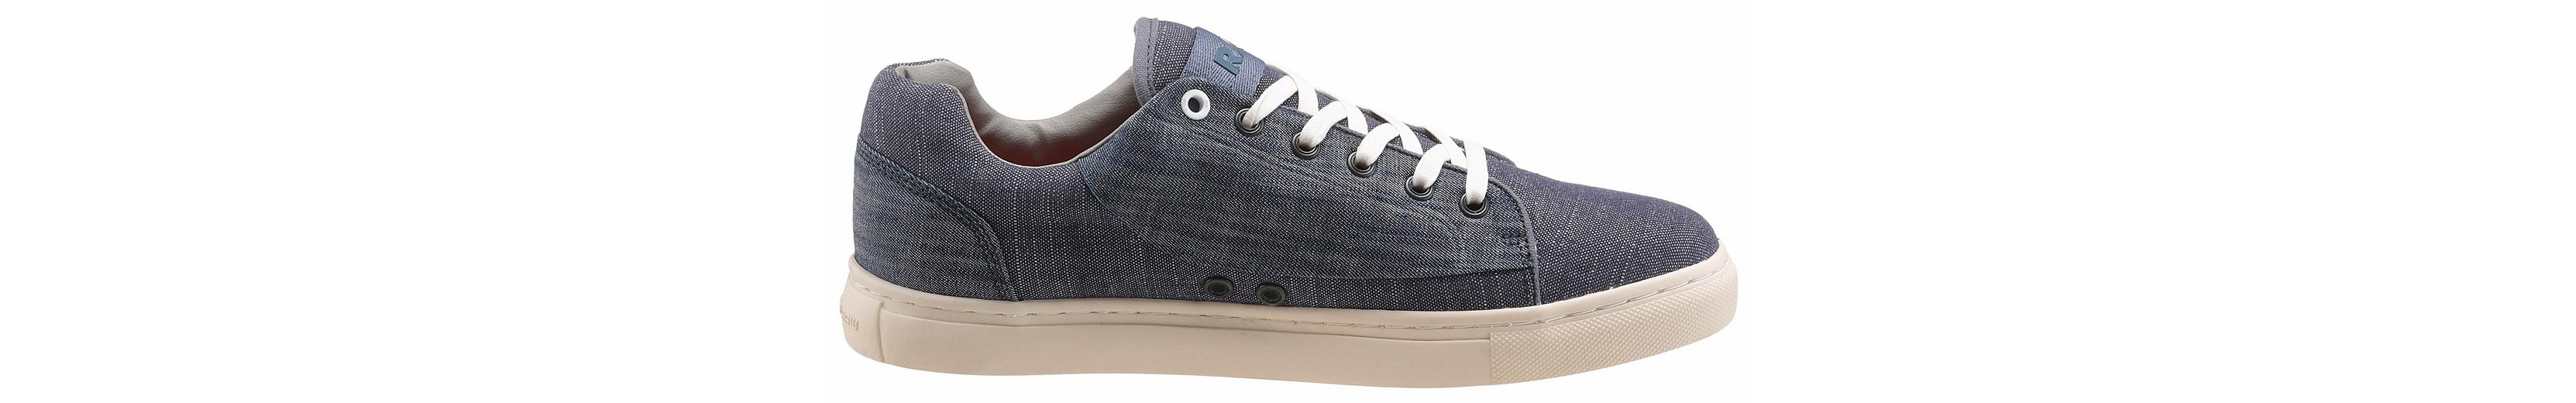 G-Star RAW Thec Denim Sneaker, aus stylischem Jeans-Stoff